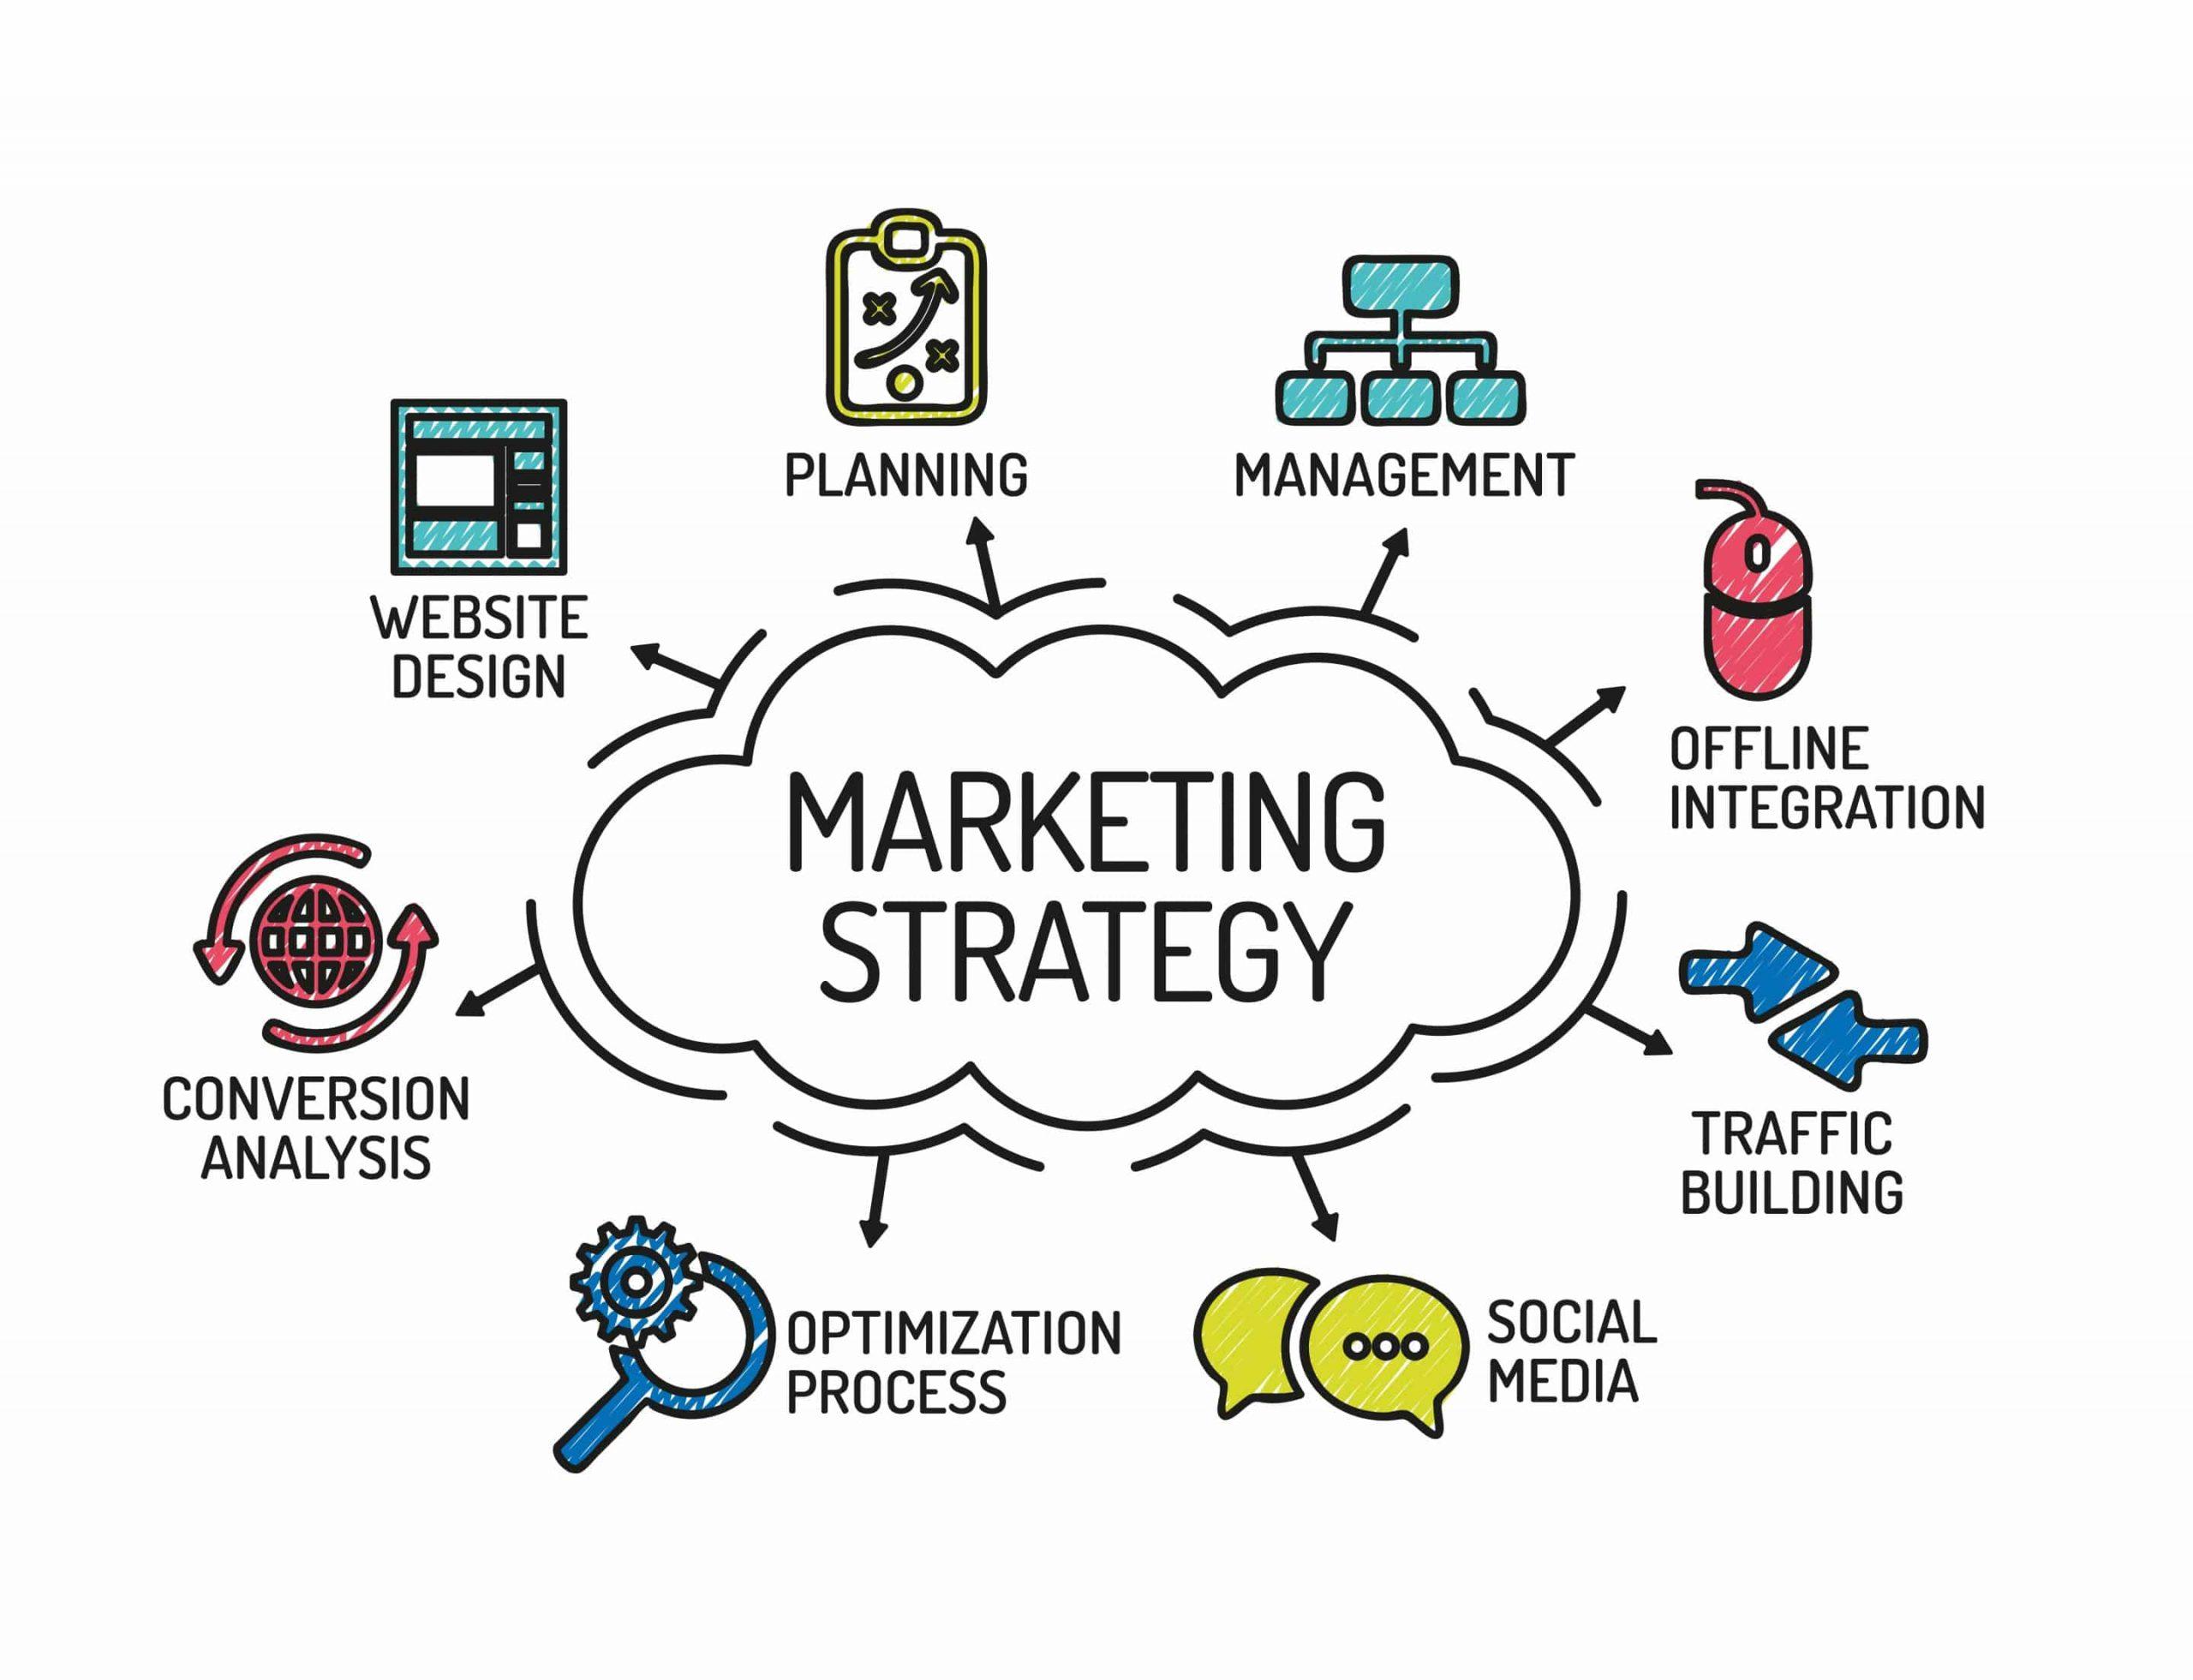 استراتژی بازاریابی-2 هدف نهایی استراتژِی بازاریابی بدست آوردن یک مزیت رقابتی پایدار و قابل ارتقا نسبت به رقبا میباشد و این امر ممکن نمیشود مگر با درک نیازها و خواسته های مشتریان یک بازار، چه این بازار بازار لوازم آرایشی باشد یا وسایل ورزشی یا نوشیدنی های گازدار. برای ارزیابی یک استراتژی بازاریابی موثر تنها فاکتور مهم میزان بهینگی و کارآمدی انتقال ارزش پیشنهادی یک شرکت به دیگران و نه تنها مخاطبان فعلی آن شرکت میباشد. تحقیقات بازار و چارت هایی که از آن حاصل میشود میتواند کمک بزرگی به شما در این زمینه بکند و مخاطبانی را که شاید مورد غفلت قرار گرفته بودند را برای شما مشخص کنند. حالا سوالی که مطرح میشود این است که تفاوت استراتژی بازاریابی با برنامه بازاریابی چیست؟ در واقع میتوان گفت که استراتژی بازاریابی بر برنامه بازاریابی ارجح است، برنامه بازاریابی سندی میباشد که در آن جزئیات تمامی اقدامات تبلیغاتی یک شرکت را مشخص میکند و سیاست های این اقدامات، نتایج مورد انتظار و فاکتور های اندازه گیری میزان تاثیر تبلیغات در آن مشخص میشود. استراتژی بازاریابی به طور ایده آل باید طول عمر بیشتری نسبت به یک برنامه بازاریابی که معمولا به صورت دوره ای تغییر میکند داشته باشد چراکه استراتژی بازاریابی شامل ارزش پیشنهادی و دیگر فاکتور های کلیدی یک برند میباشد که باید در طول زمان ثابت بمانند، به طور مثال شکلات کیت کت را در نظر بگیرید، این برند محصولات خود را با استراحت های کوتاه و میان کارهای روزانه پیوند زده است، این قسمت استراتژِی برند کیت کت میباشد و تمام اقداماتی که برای ترویج یا اصطلاحا Promote این استراتژی انجام میشود زیرمجموعه برنامه بازاریابی شرکت میباشد که ممکن است در طول زمان تغییر کنند ولی ارزش پیشنهادی شرکت باید تا جای ممکن ثابت بماند تا مخاطبان دچار سردرگمی راجع به شخصیت برند نشوند. به طور ساده تر اگر بخواهیم بیان کنیم، استراتژی مارکتینگ با دیدگاه کلی طرح میشود در حالی که کارهای روز به روز تبلیغاتی شرکت توسط برنامه بازاریابی مشخص میشوند شرکت سرمایه گذاری تیهو خانه 61465900 l scaled